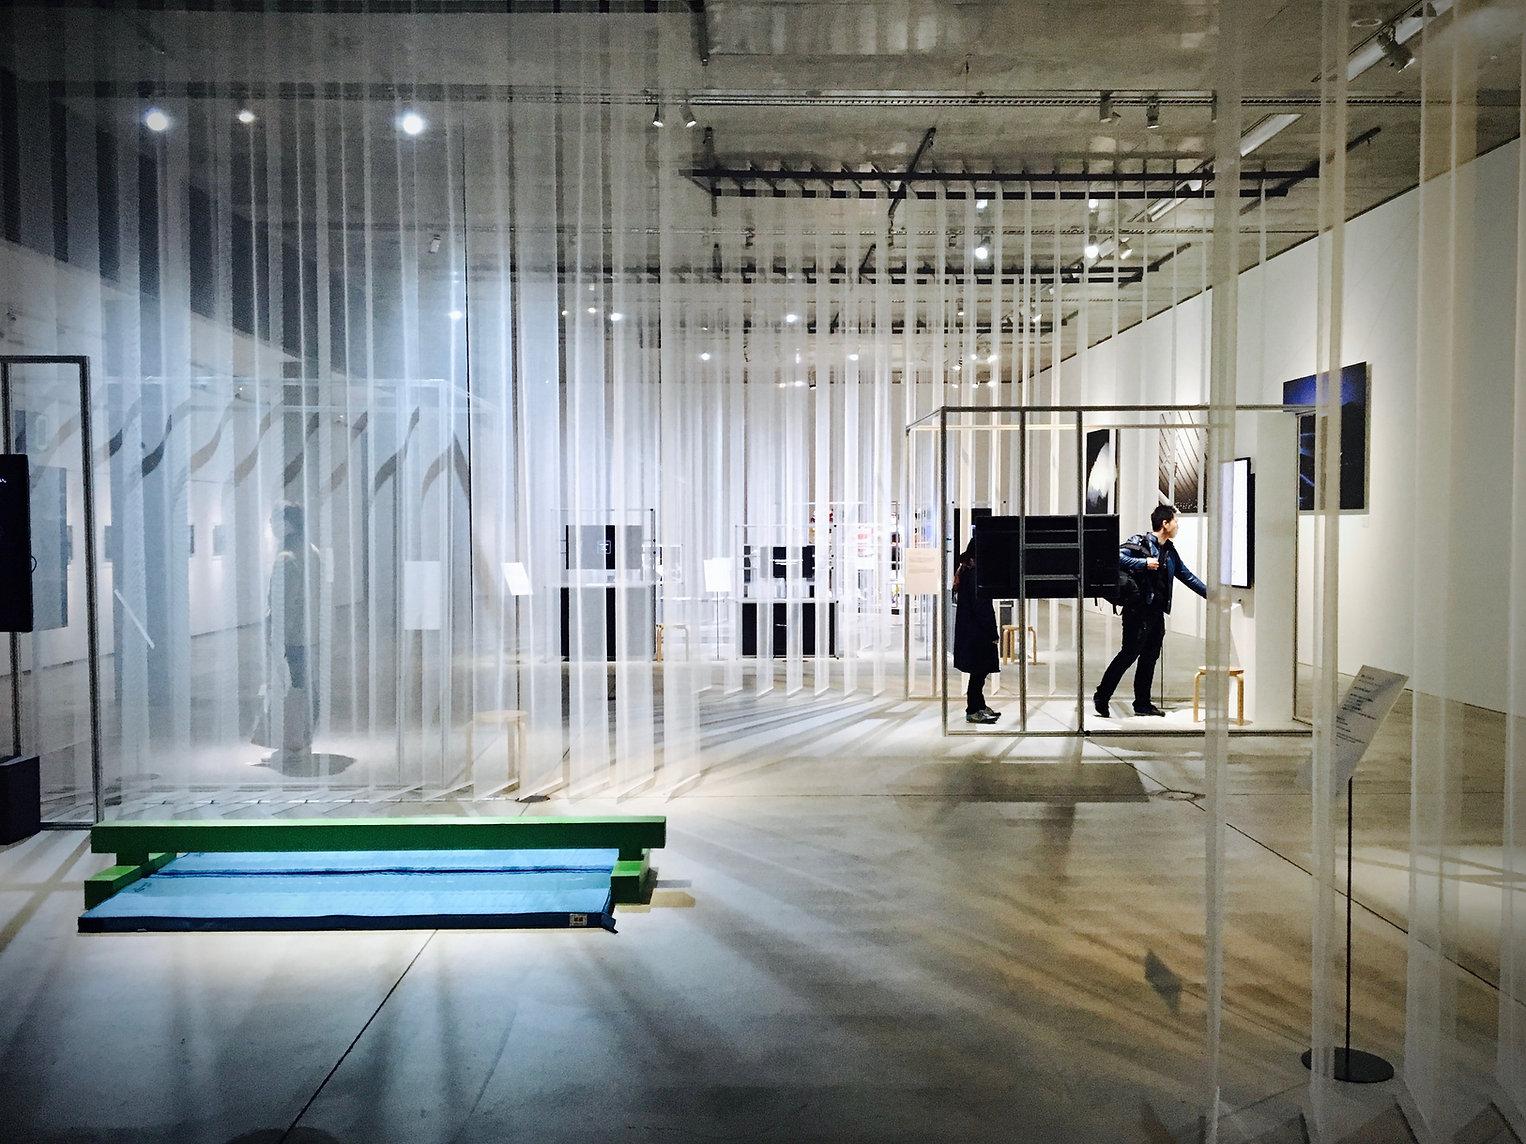 ギャラリーのホール